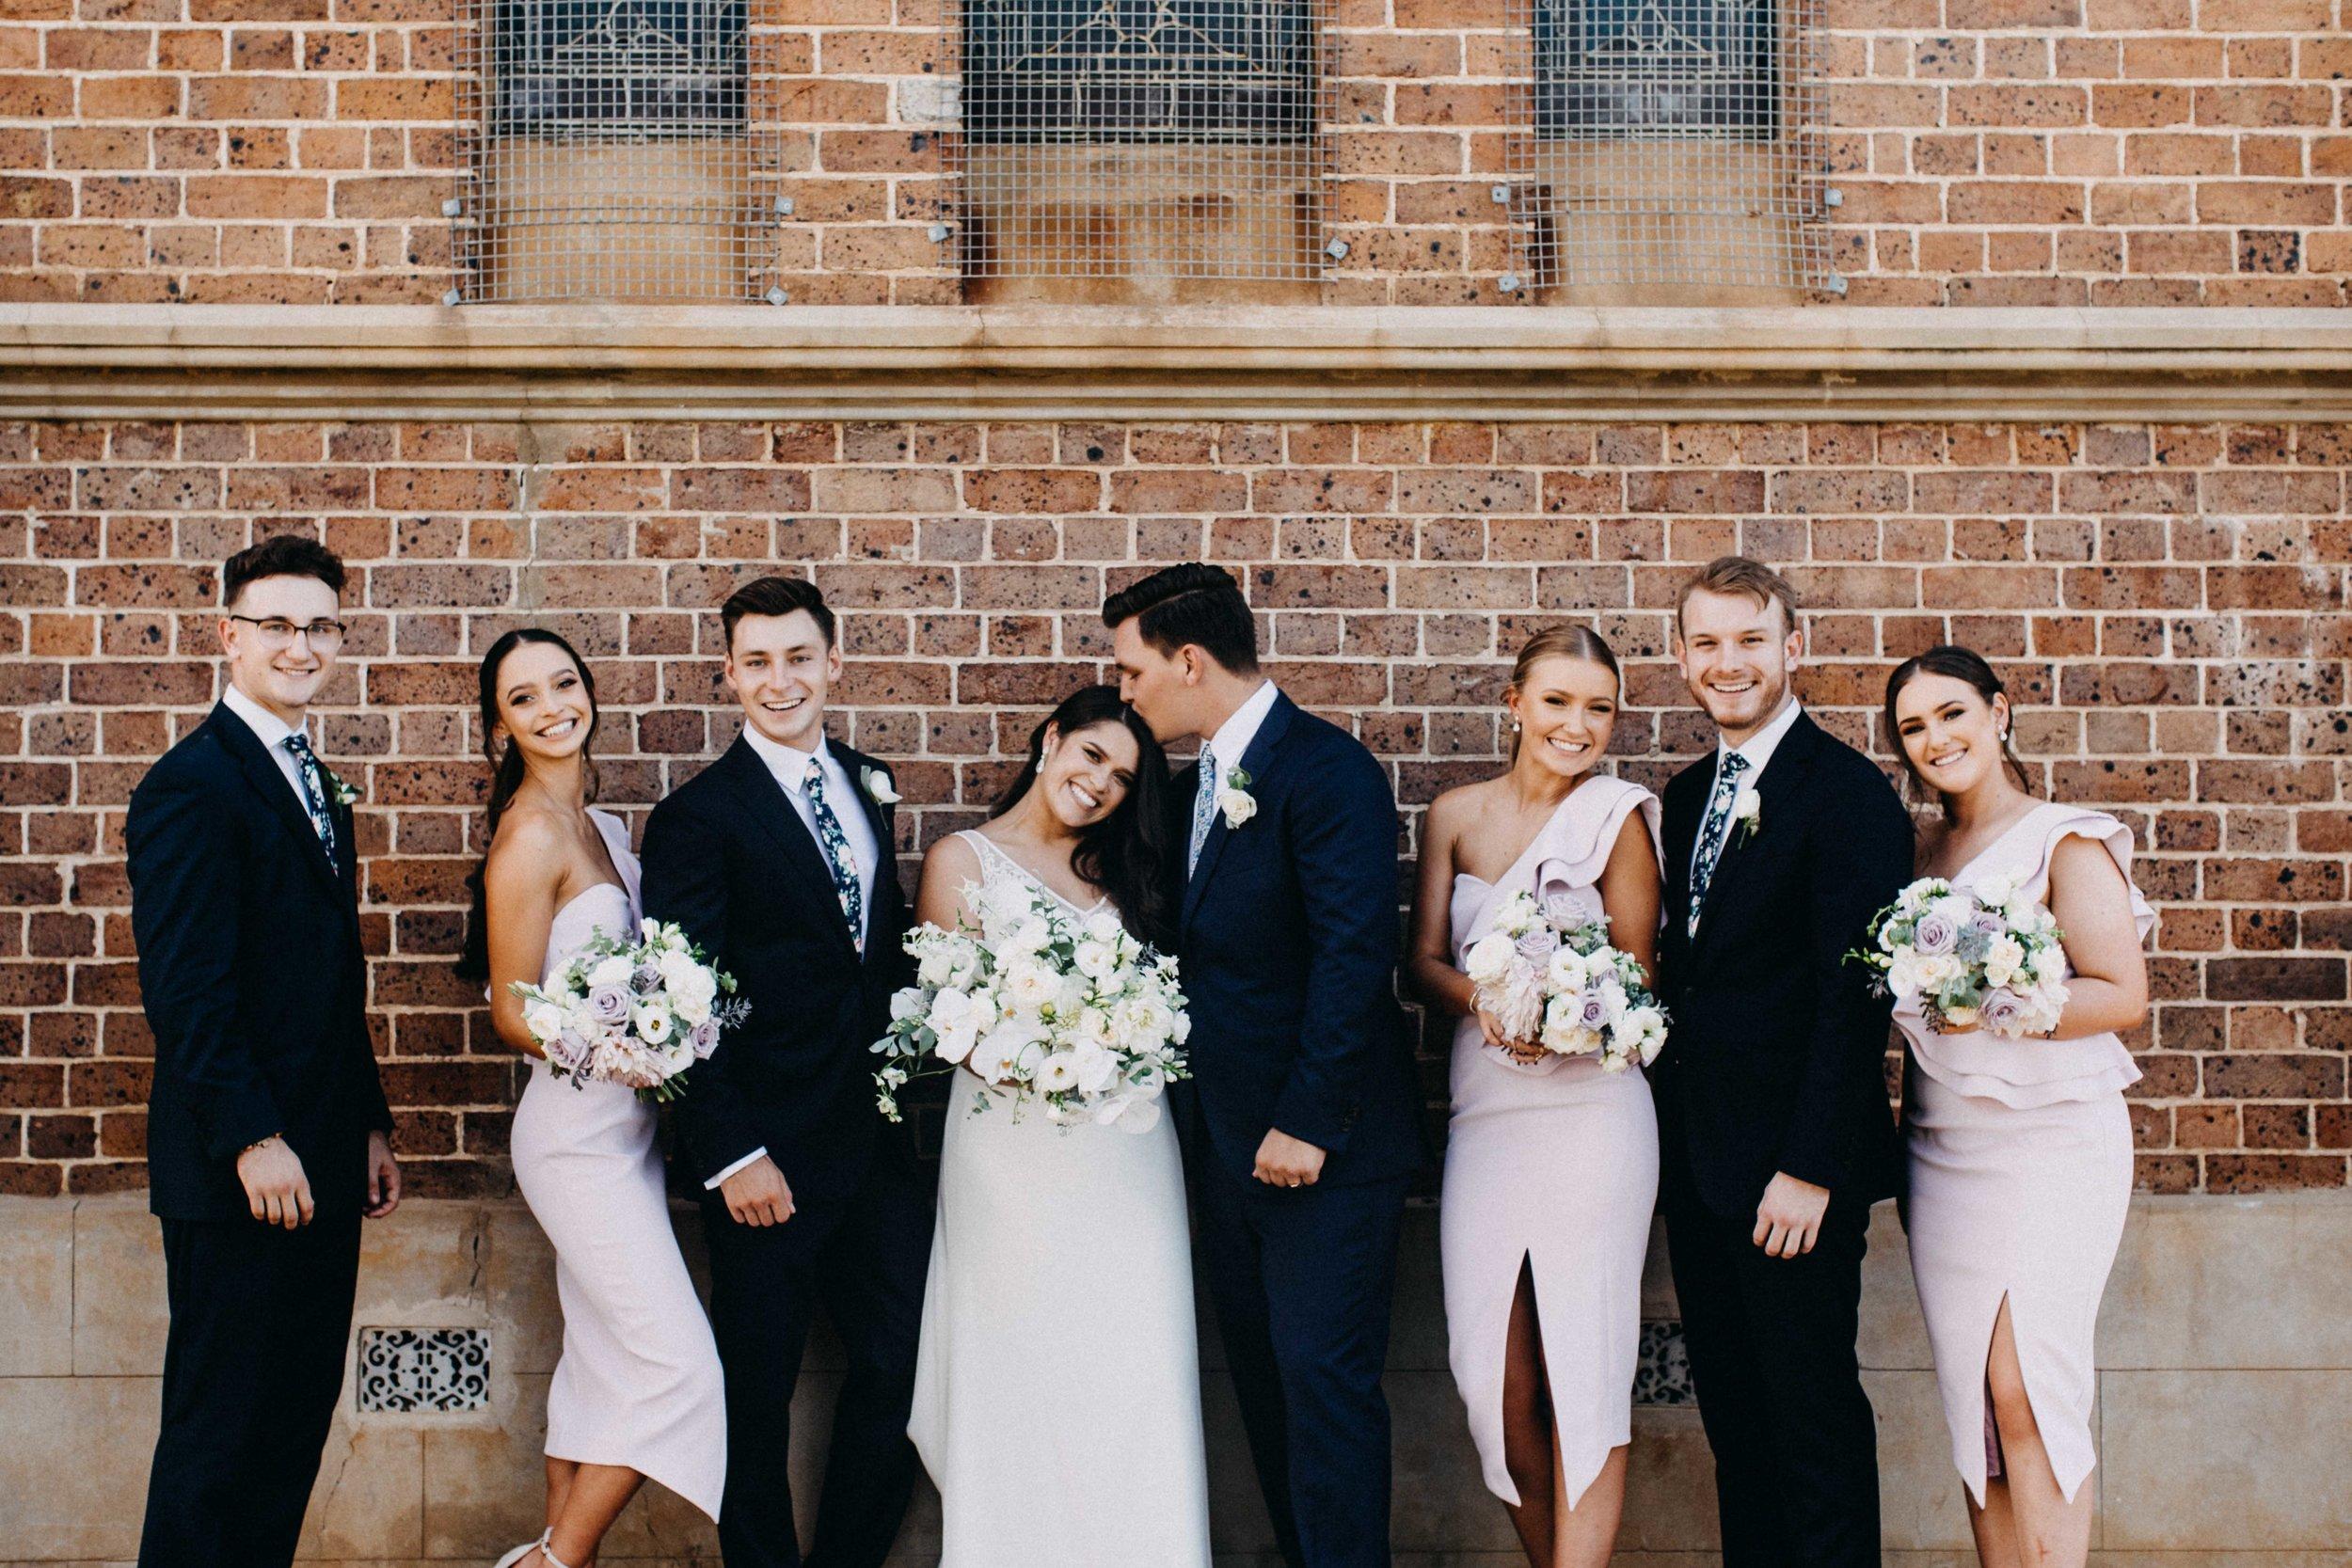 www.emilyobrienphotography.net-belgenny-farm-wedding-camden-photography-maddie-andrzej-109.jpg